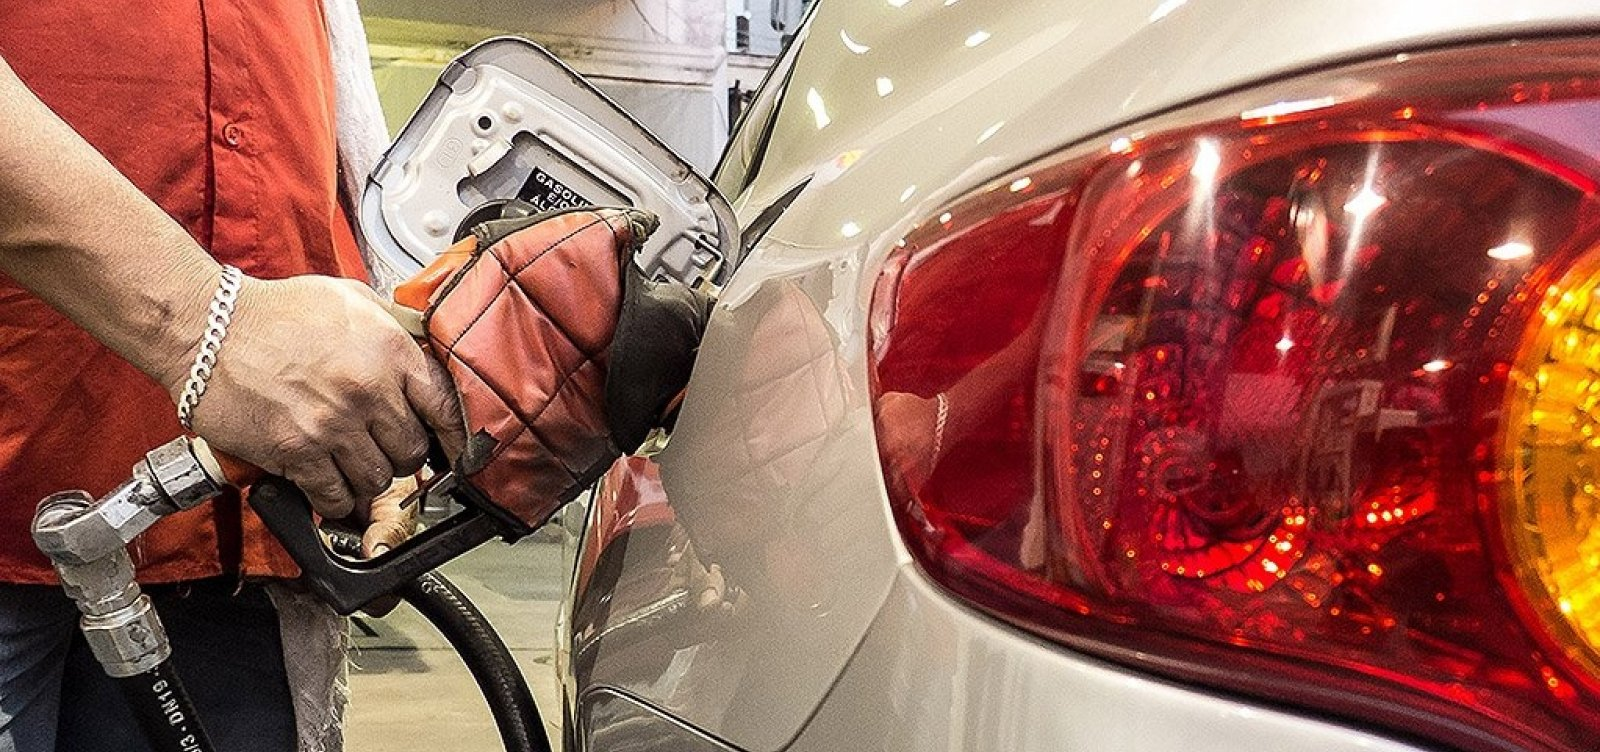 [Redução de 2,8% no preço da gasolina pode não chegar ao consumidor: 'Preço é livre']